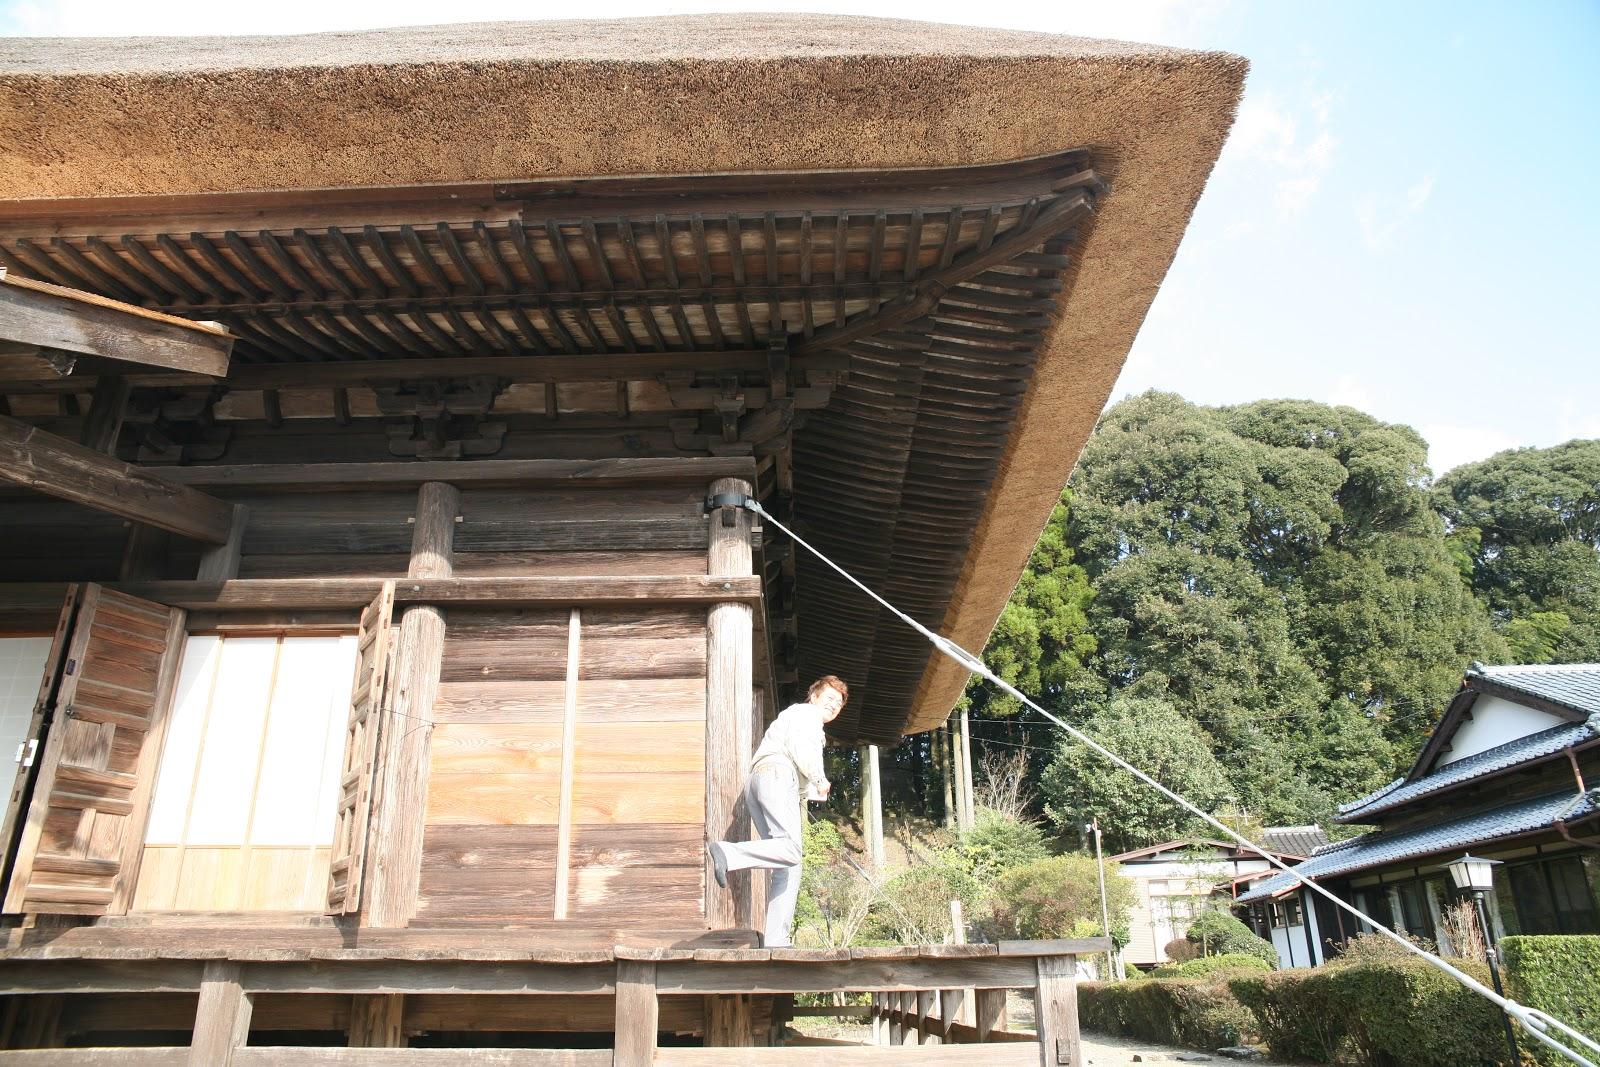 茅葺屋根のお堂